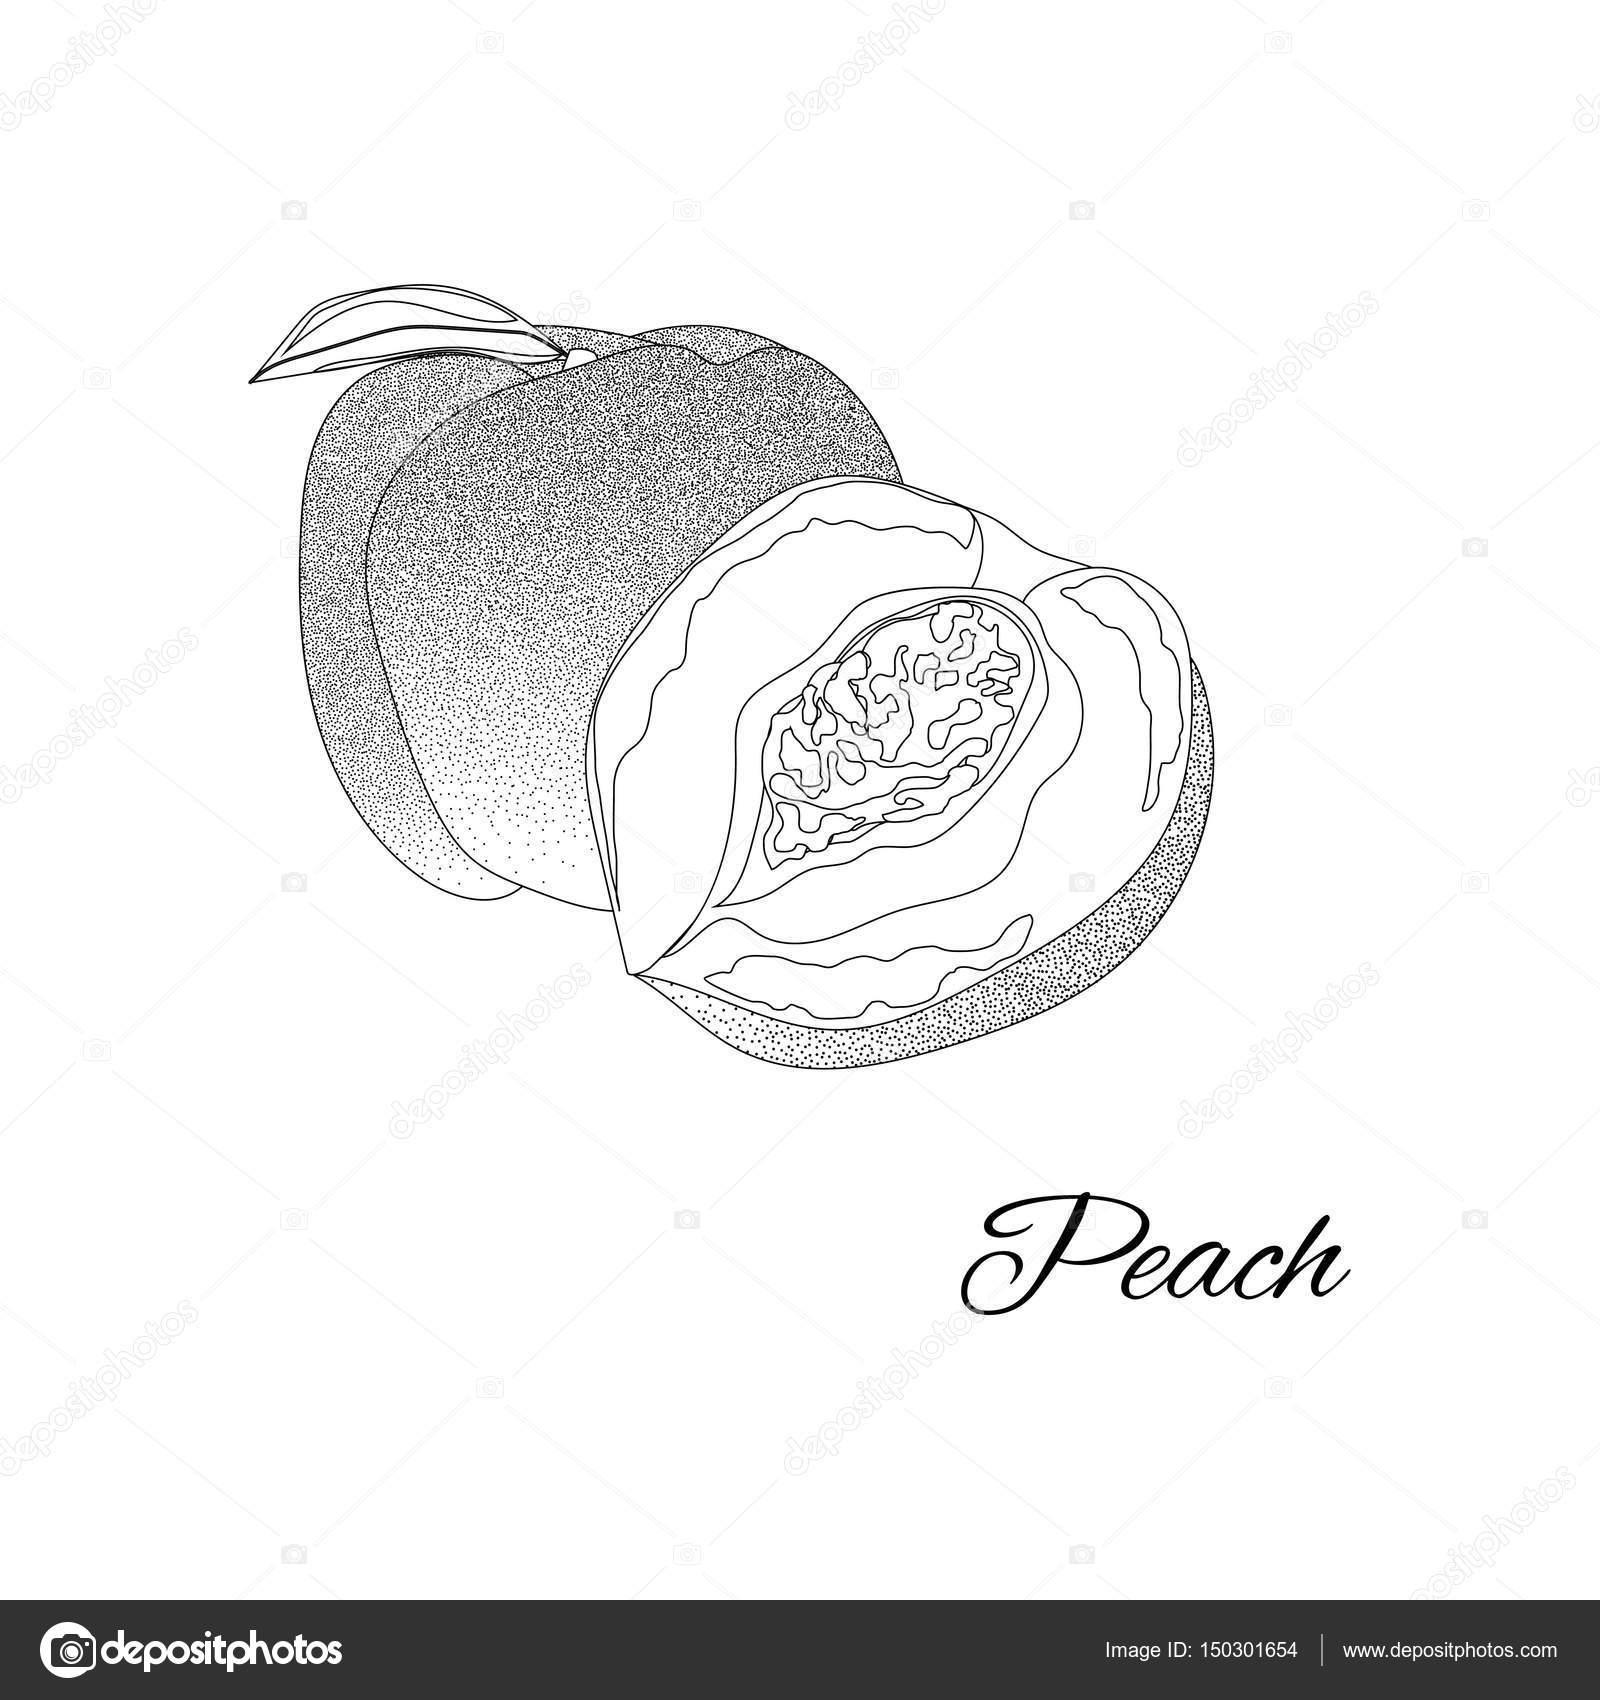 şeftali Sayfa Boyama Kitabı Için Doodle Tasarım Meyve Vektör